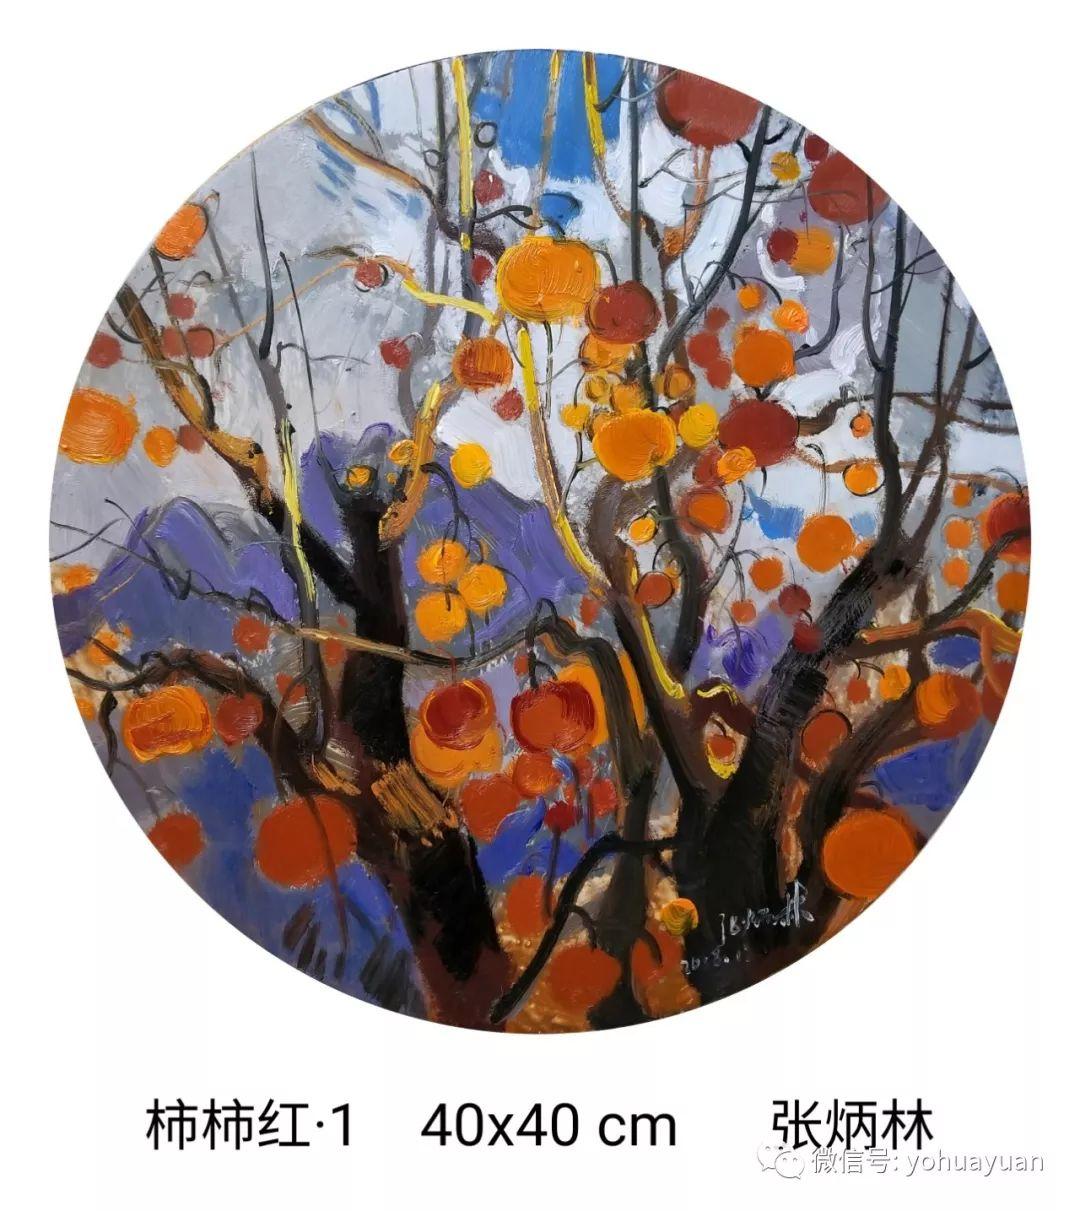 油画作品拍卖(内蒙古草原写生) 第98张 油画作品拍卖(内蒙古草原写生) 蒙古画廊